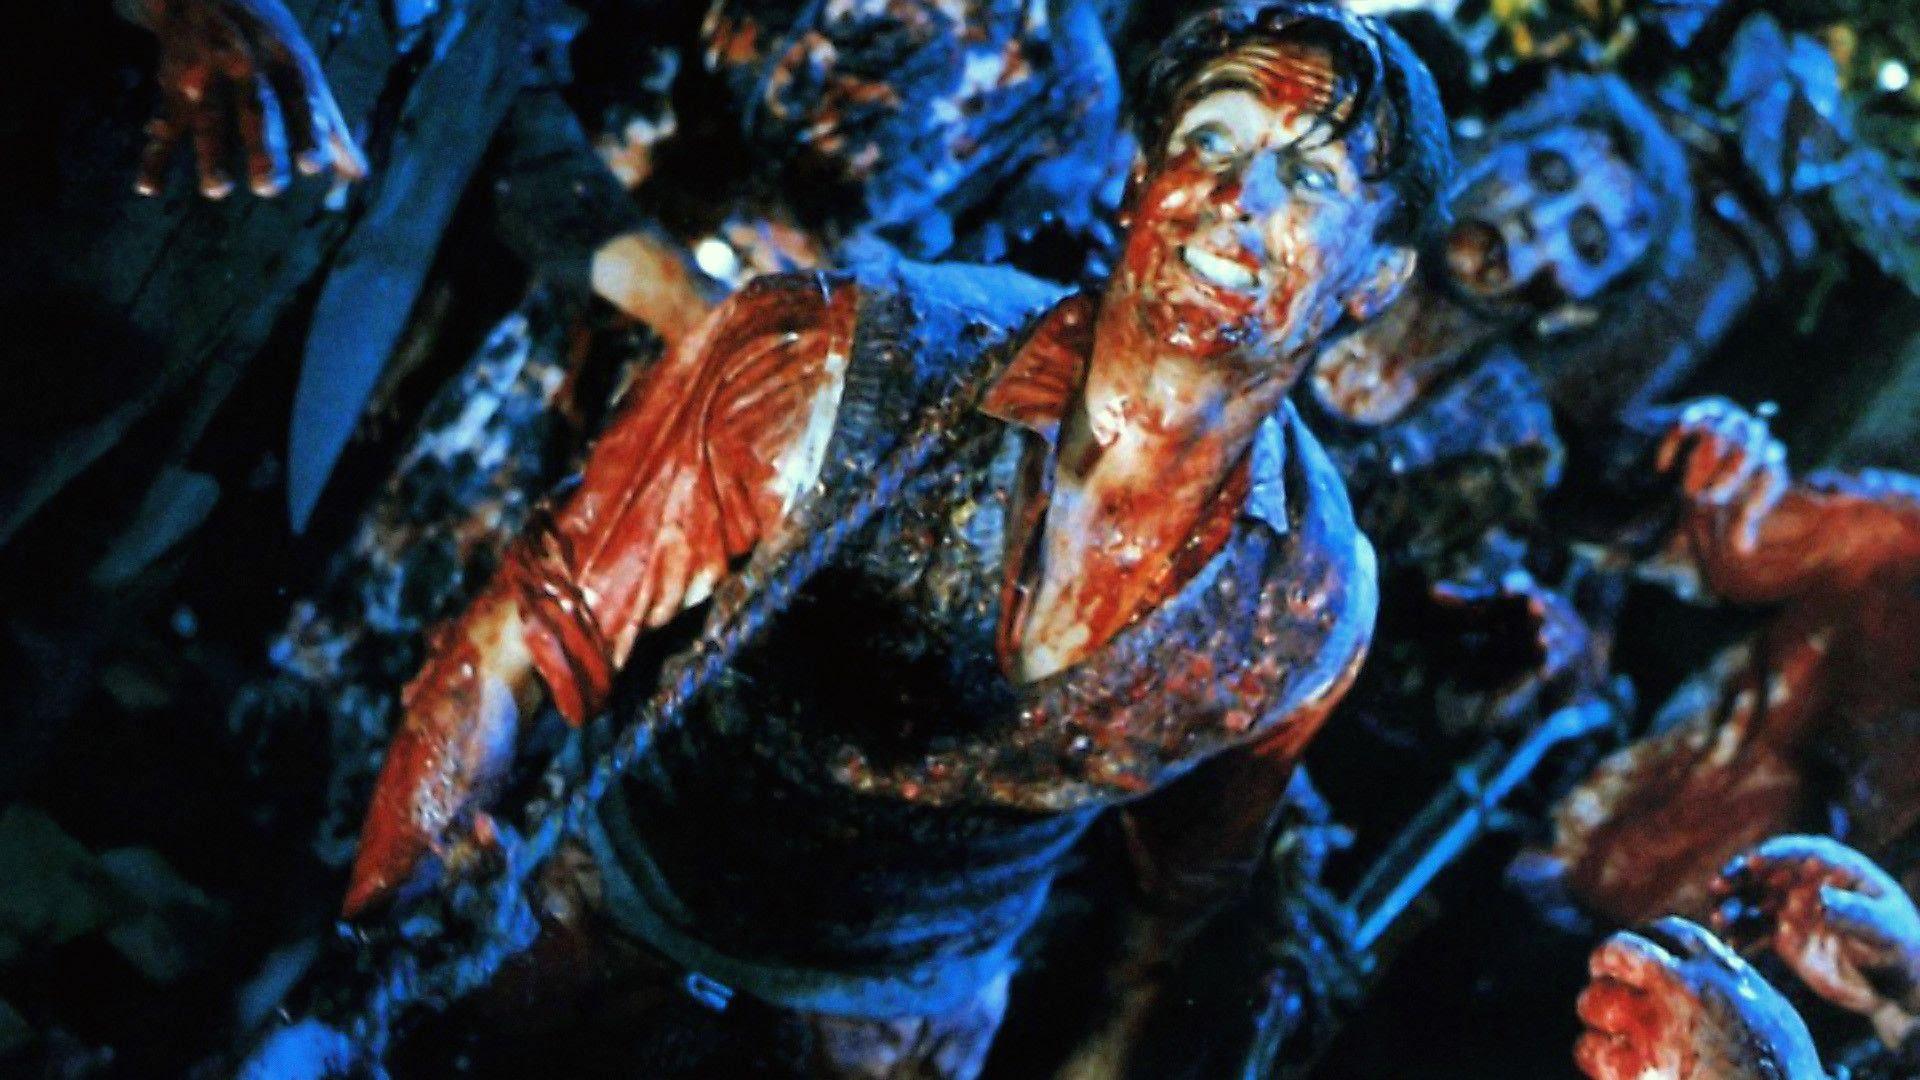 Ez minden idők 21 legjobb zombifilmje a Collider szerint